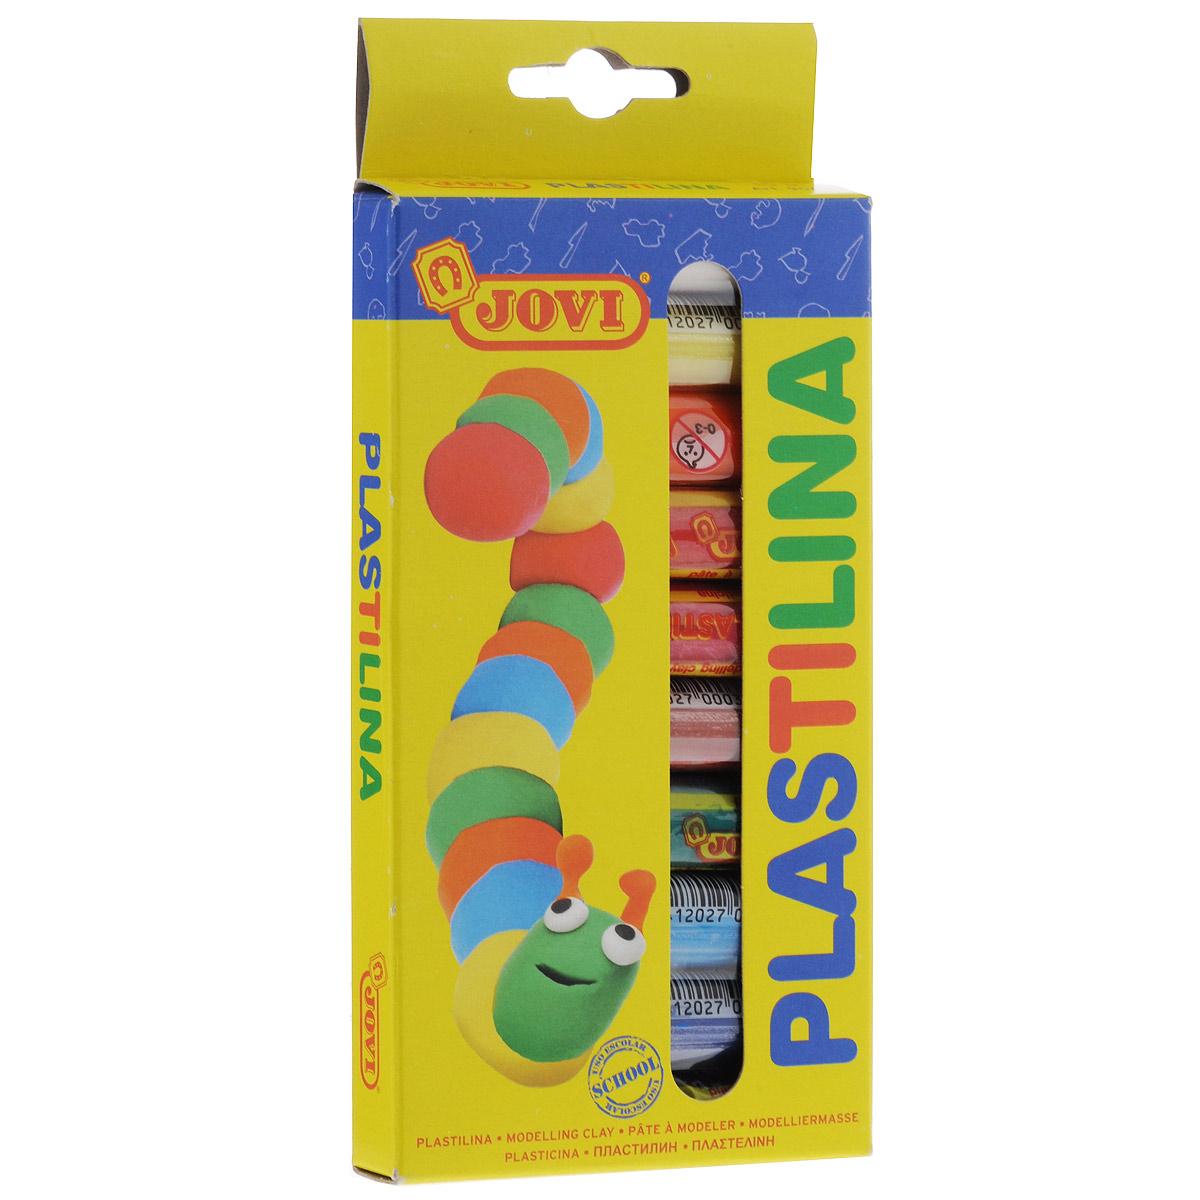 Пластилин Jovi, 10 цветов90/10Пластилин Jovi - это отличная возможность познакомить ребенка с еще одним из видов изобразительного творчества, в котором создаются объемные образы и целые композиции. В набор входит пластилин 10 ярких цветов (белый, желтый, оранжевый, красный, малиновый, светло-коричневый, зеленый, голубой, синий, черный). Цвета пластилина легко смешиваются между собой, и таким образом можно получить новые оттенки. Пластилин на растительной основе, очень мягкий, имеет яркие, красочные цвета и не липнет к рукам.Техника лепки богата и разнообразна, но при этом доступна даже маленьким детям. Занятие лепкой не только увлекательно, но и полезно для ребенка. Оно способствует развитию творческого и пространственного мышления, восприятия формы, фактуры, цвета и веса, развивает воображение и мелкую моторику.